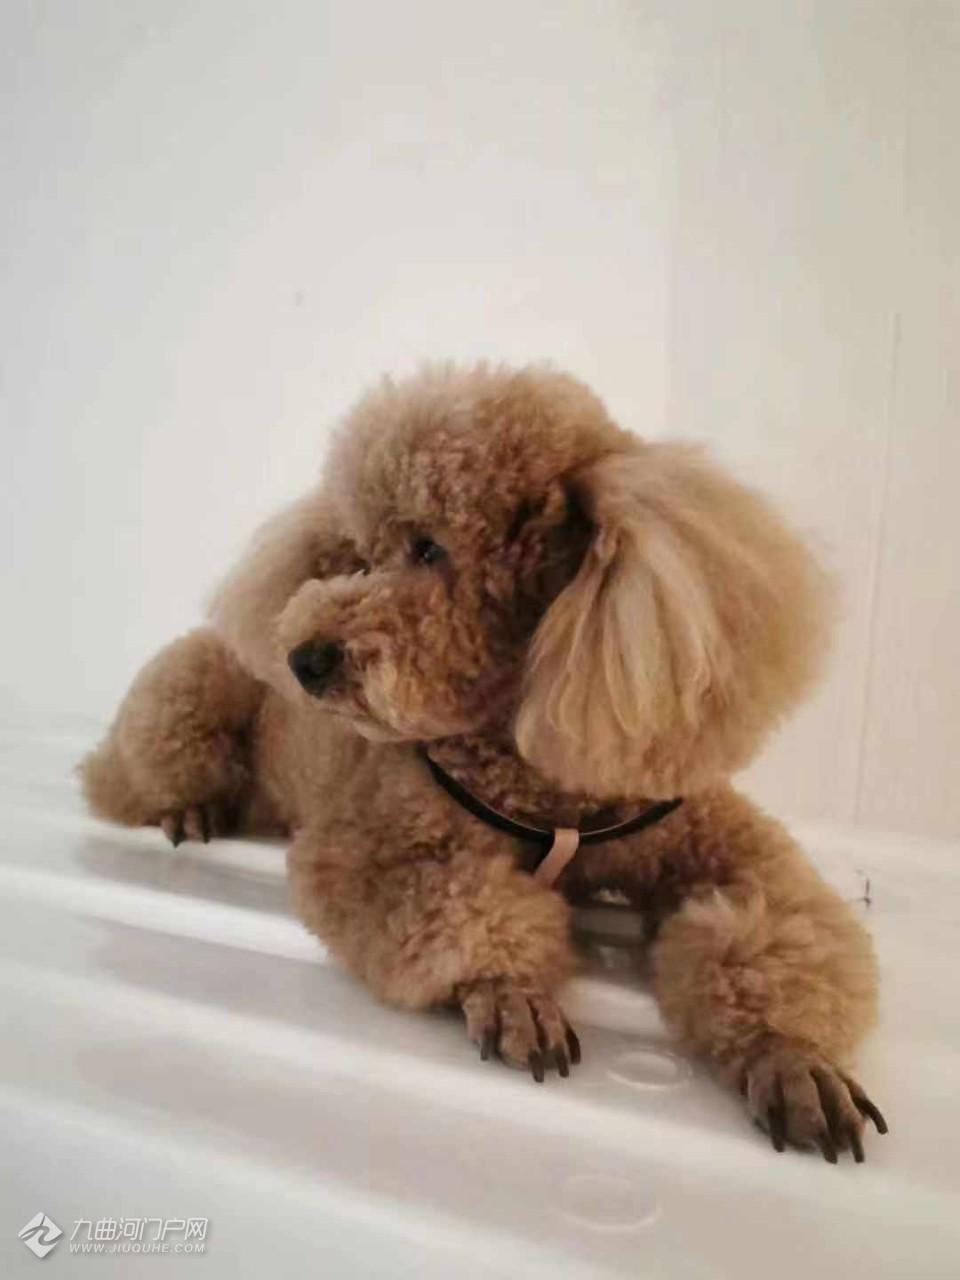 寻狗启示:11月19日下午四点半,我家泰迪狗狗在禾邦都市绿洲附近丢失